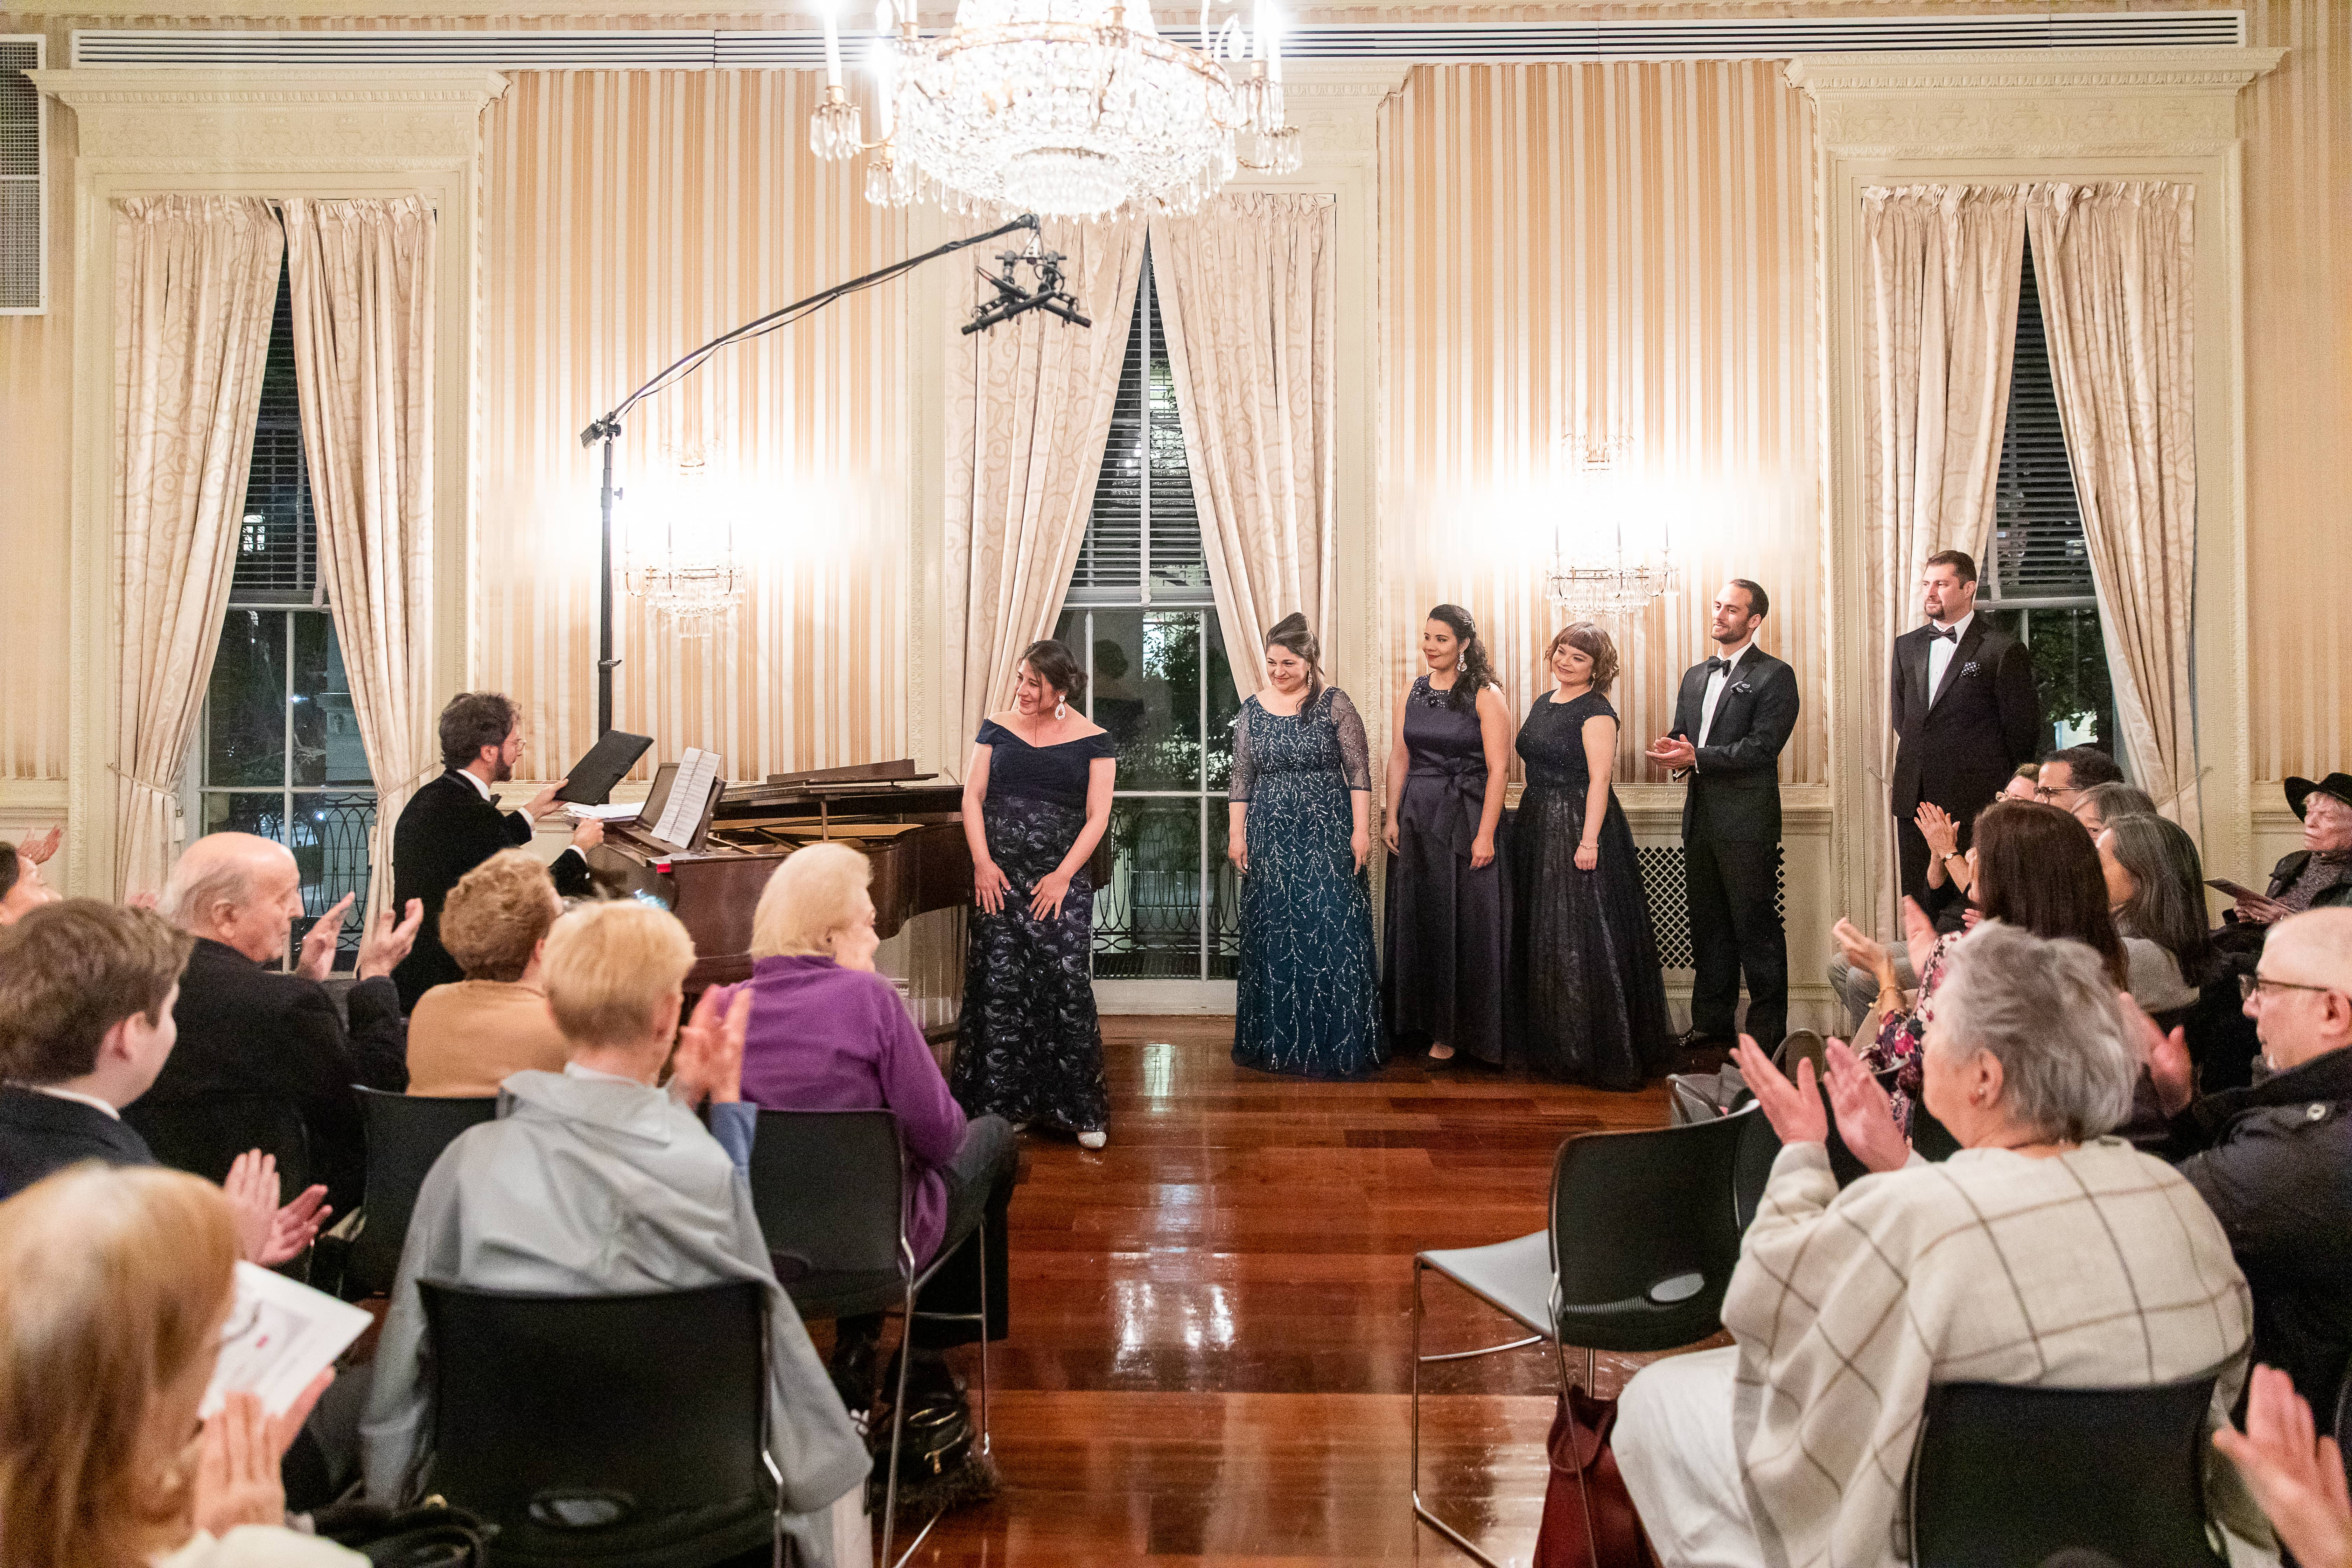 Las voces jóvenes del Colón de Buenos Aires ofrecen un recital de ópera en Nueva York